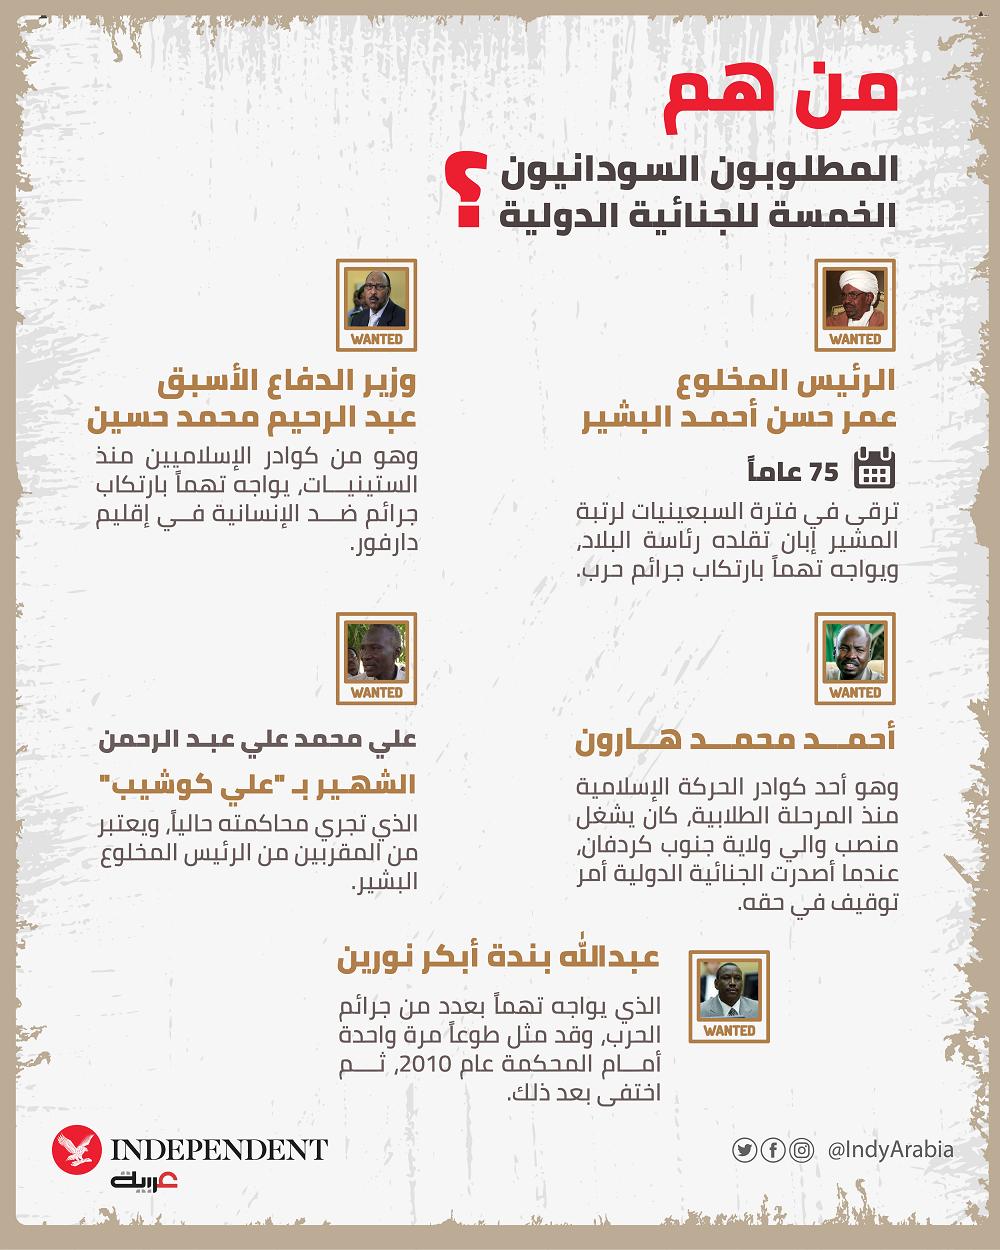 من هم المطلوبون السودانيون الخمسة للجناية الدولية؟-01.png